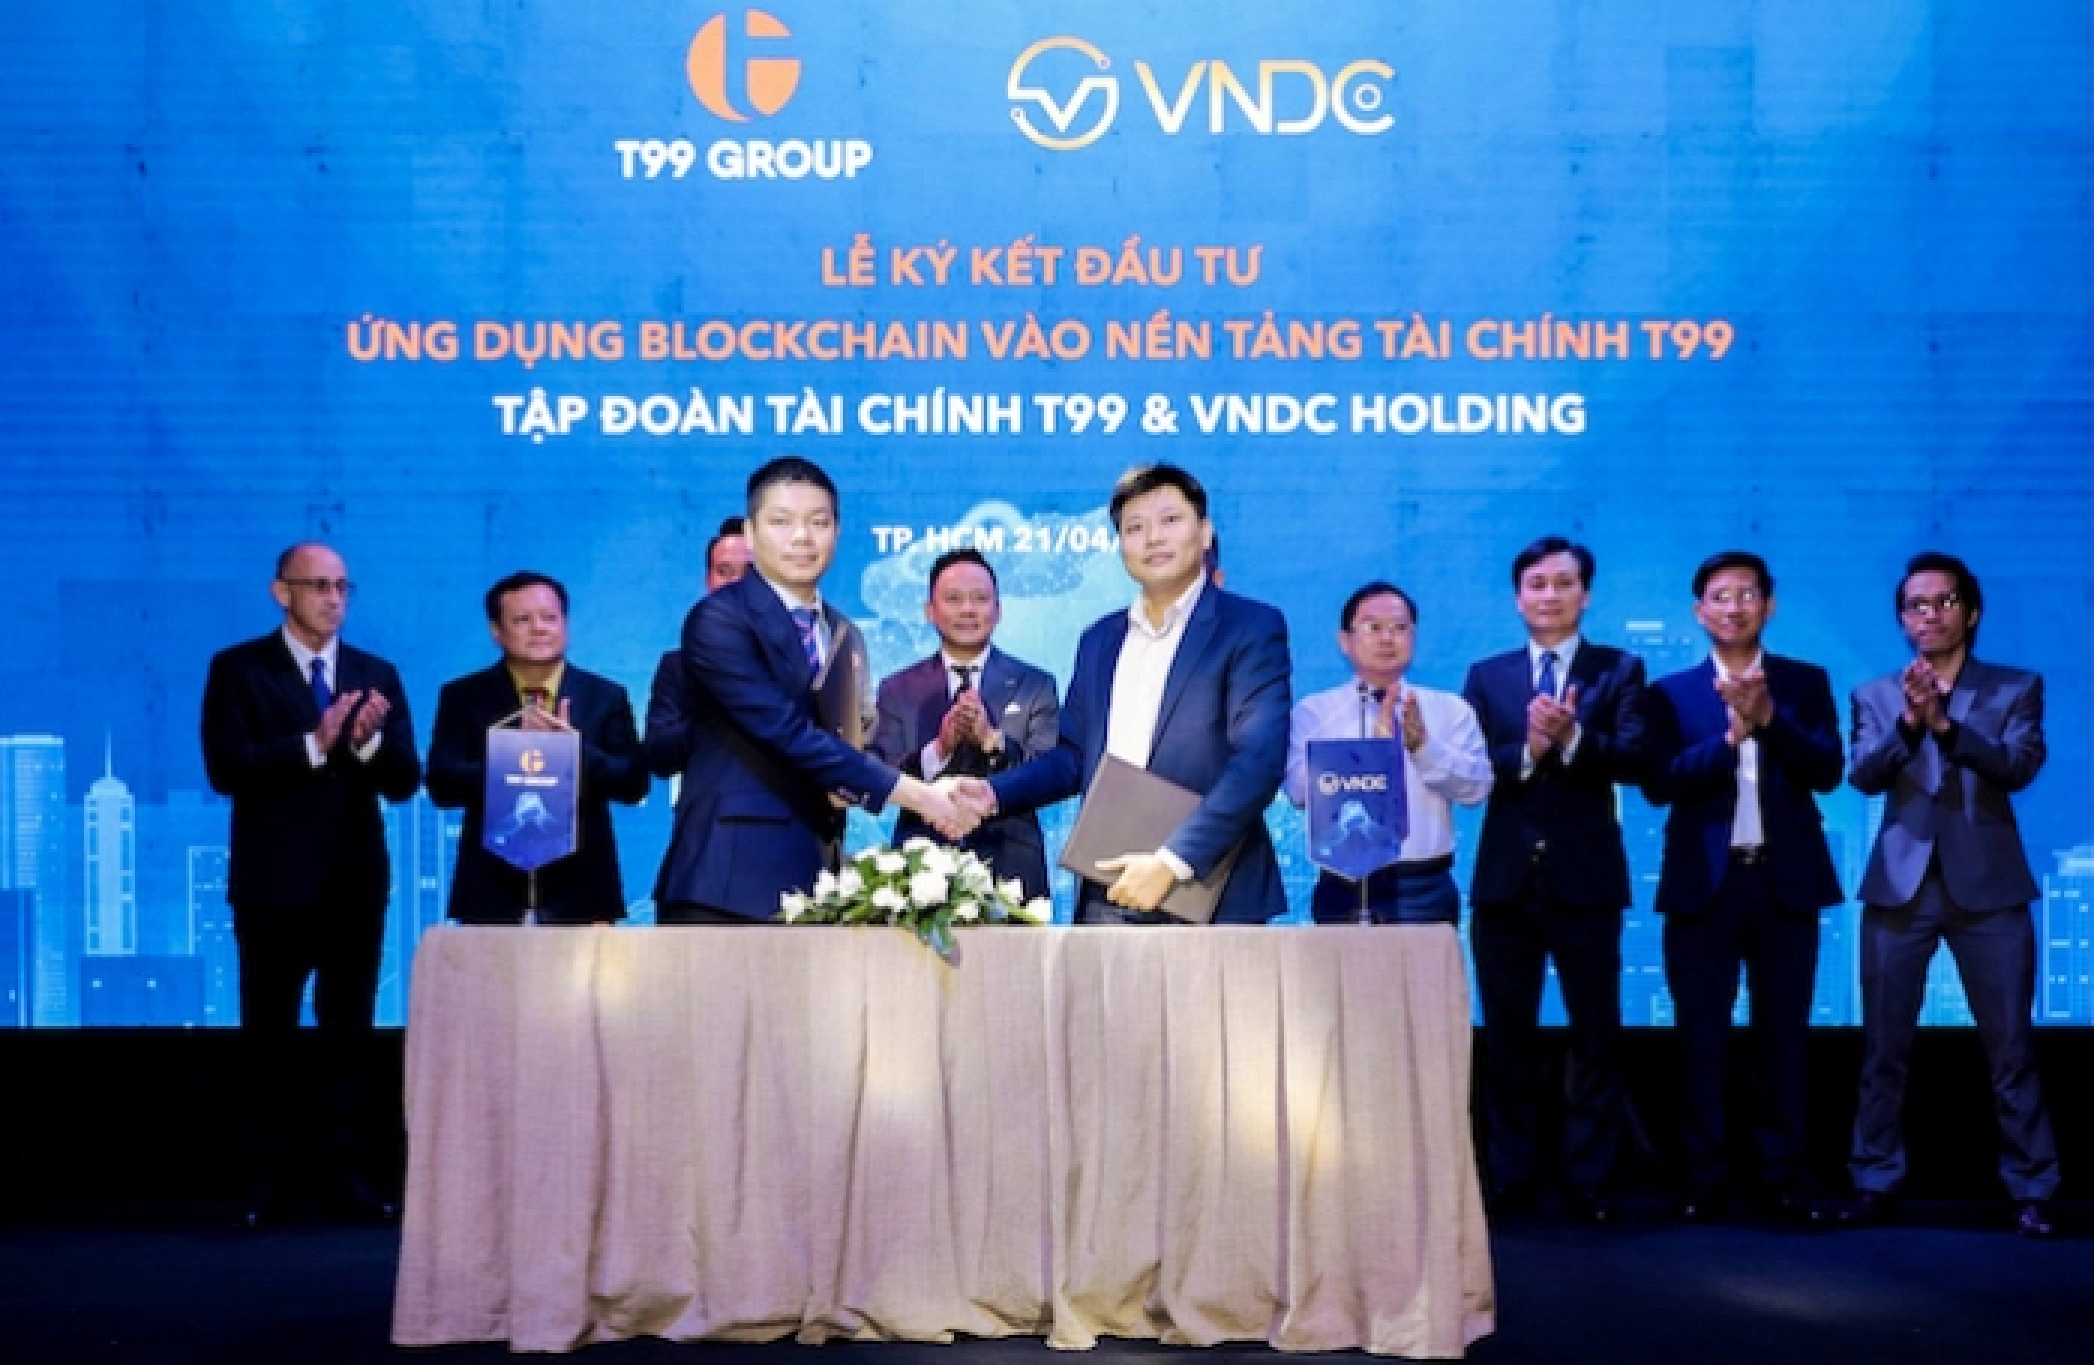 VNDC hợp tác cùng Tập đoàn tài chính T99 triển khai dịch vụ cầm cố tài sản số